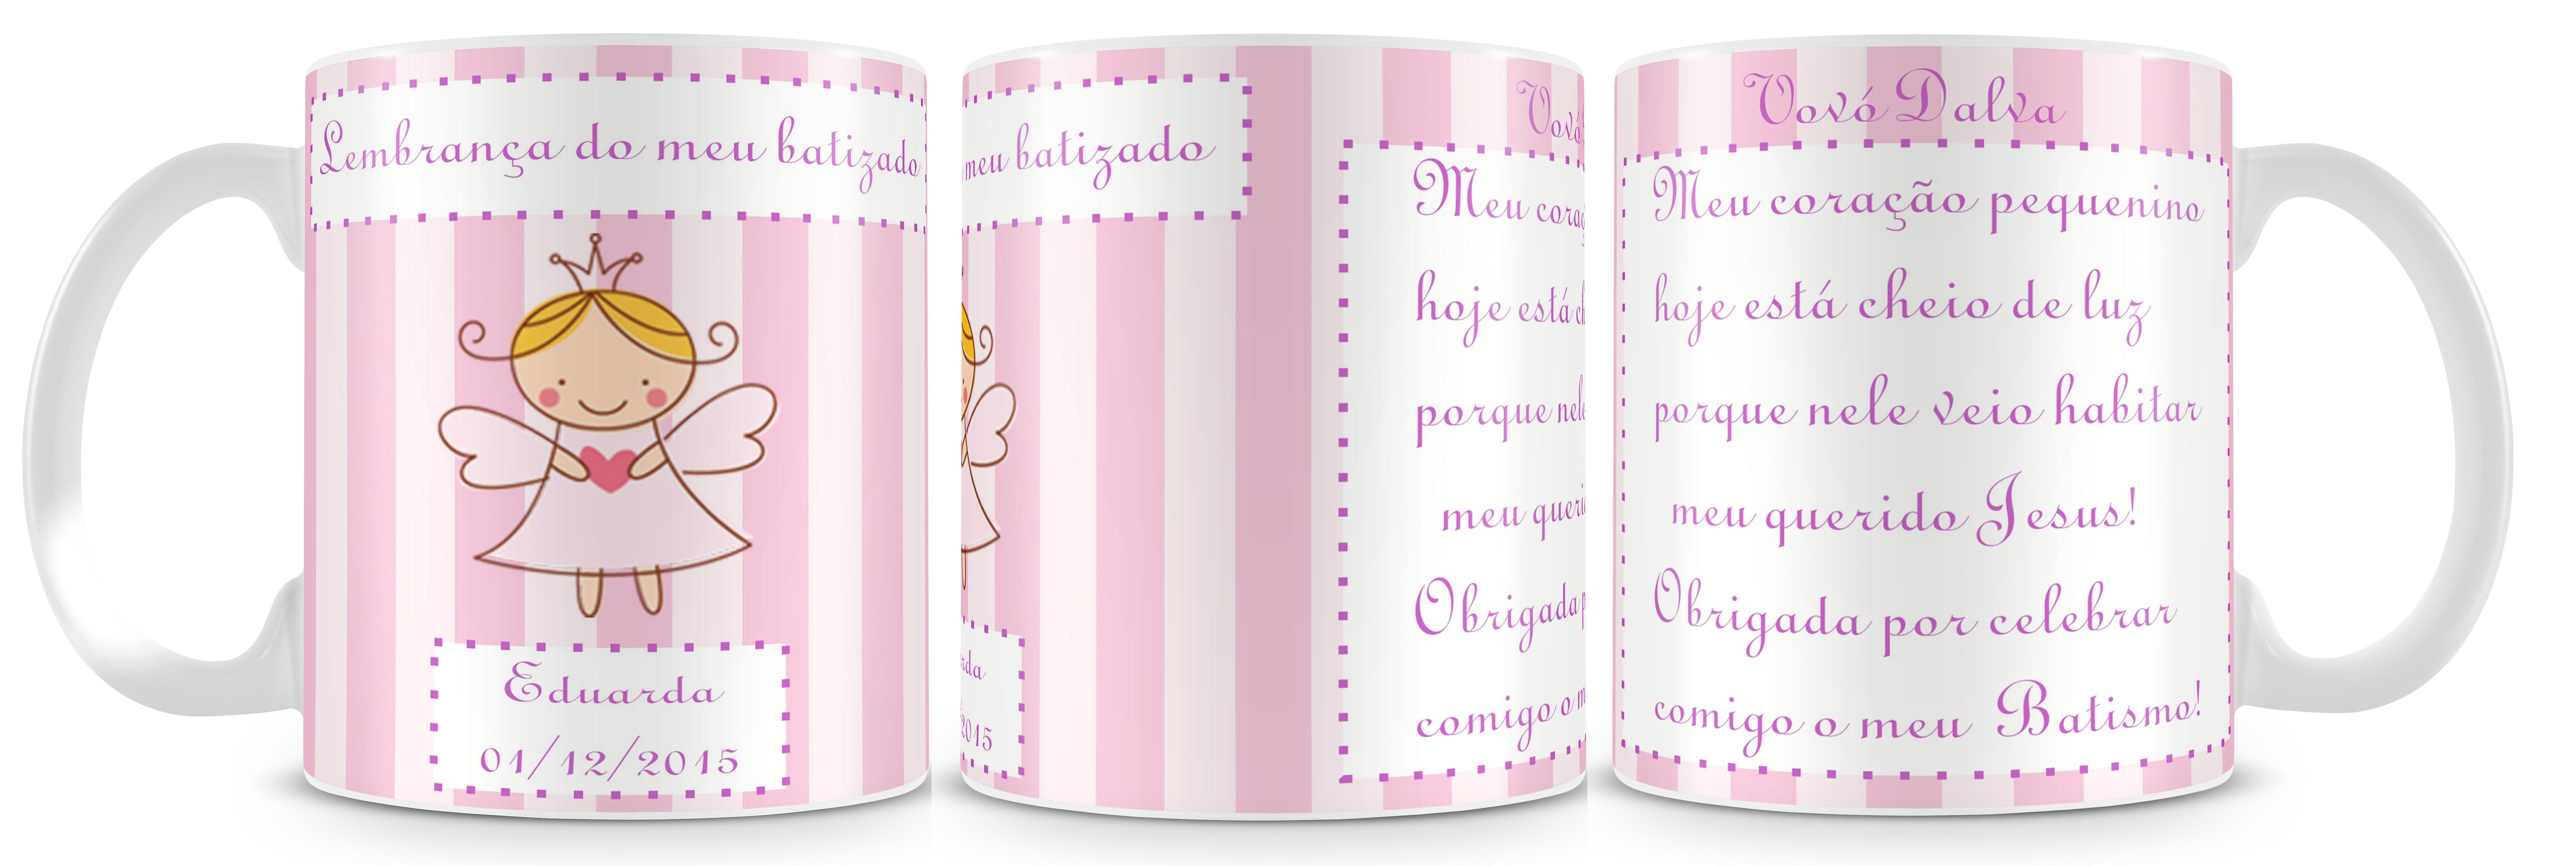 2e583c3e4 Caneca Batizado Meninas Madrinha V.2 no Elo7